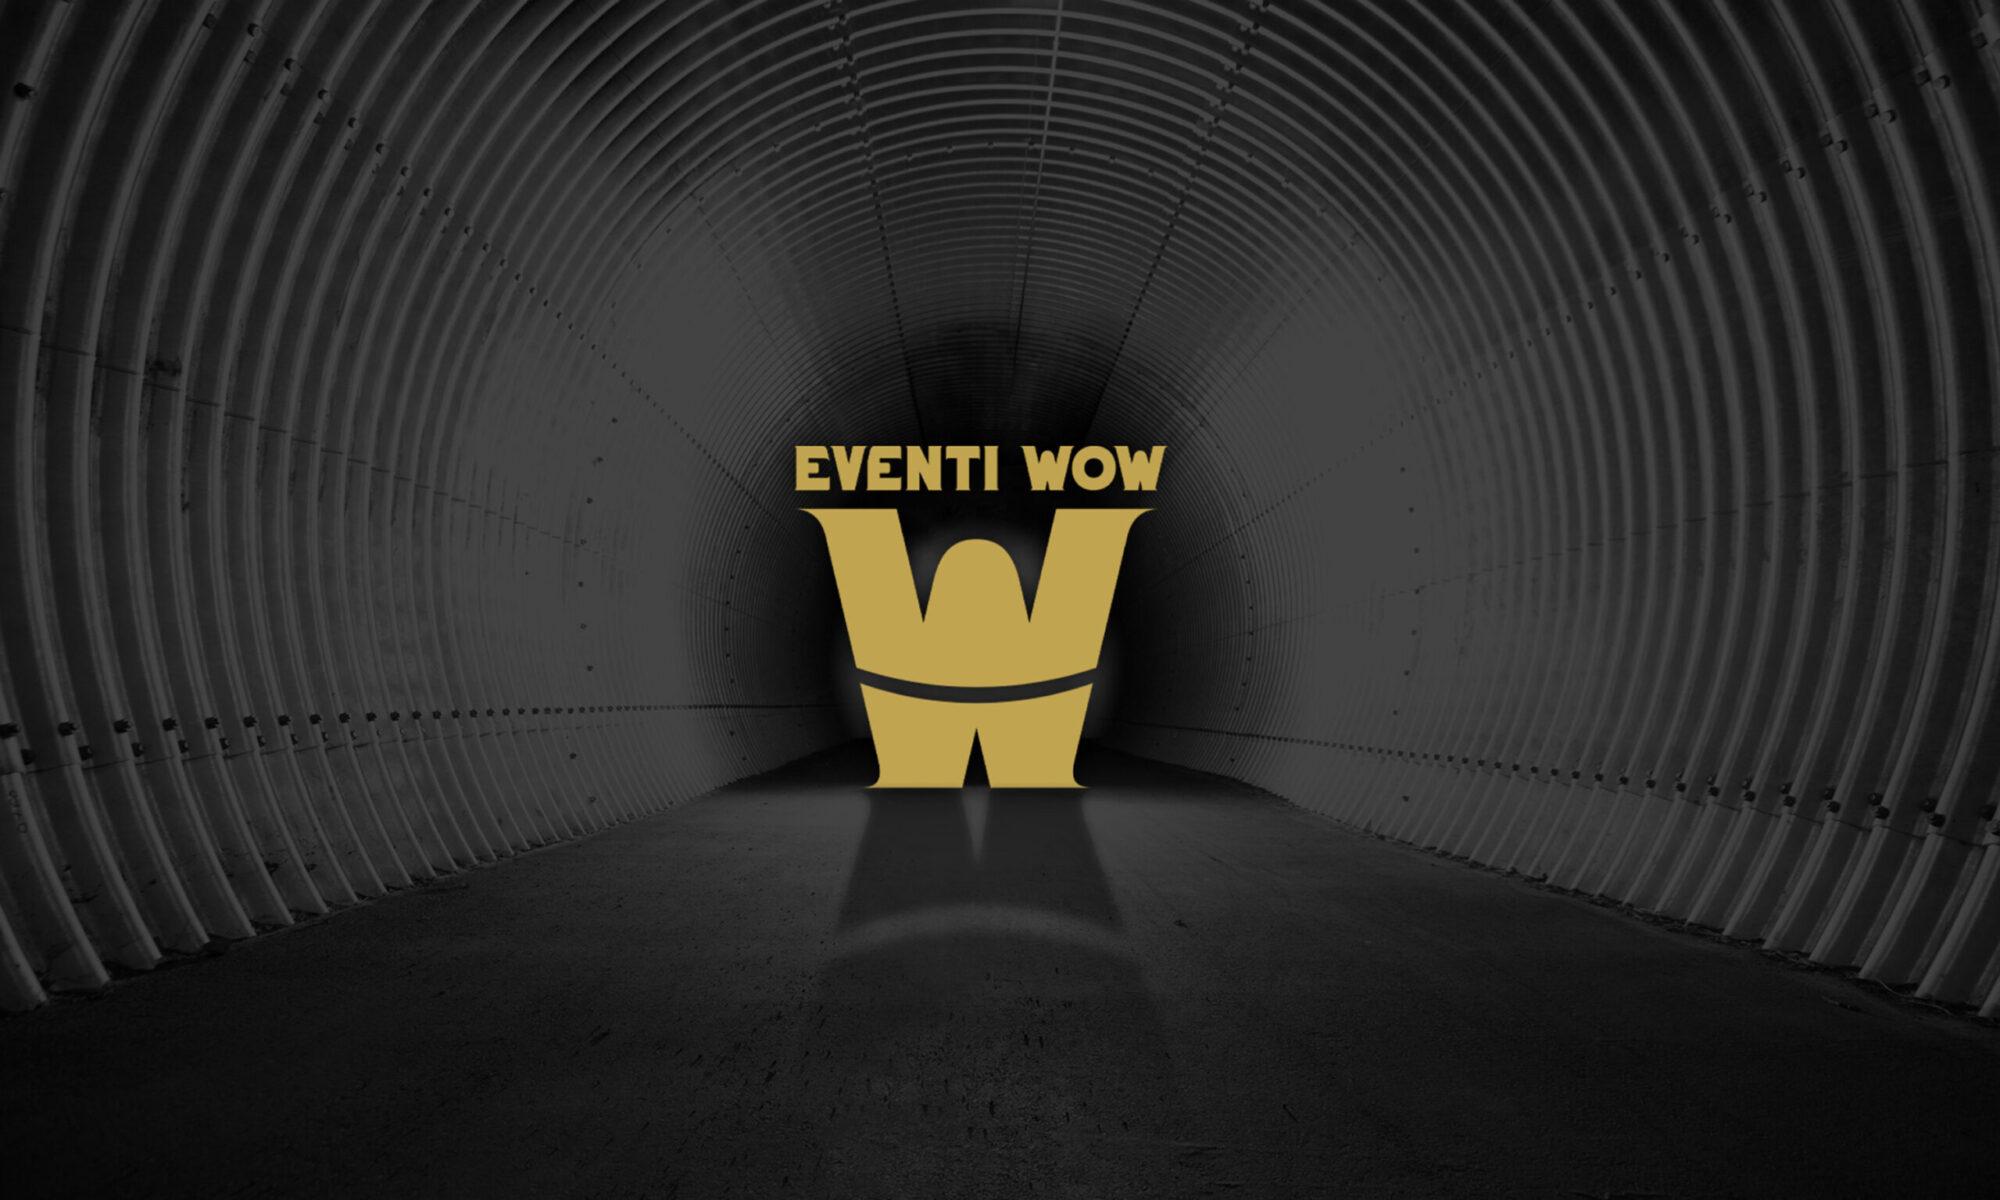 Eventi WOW